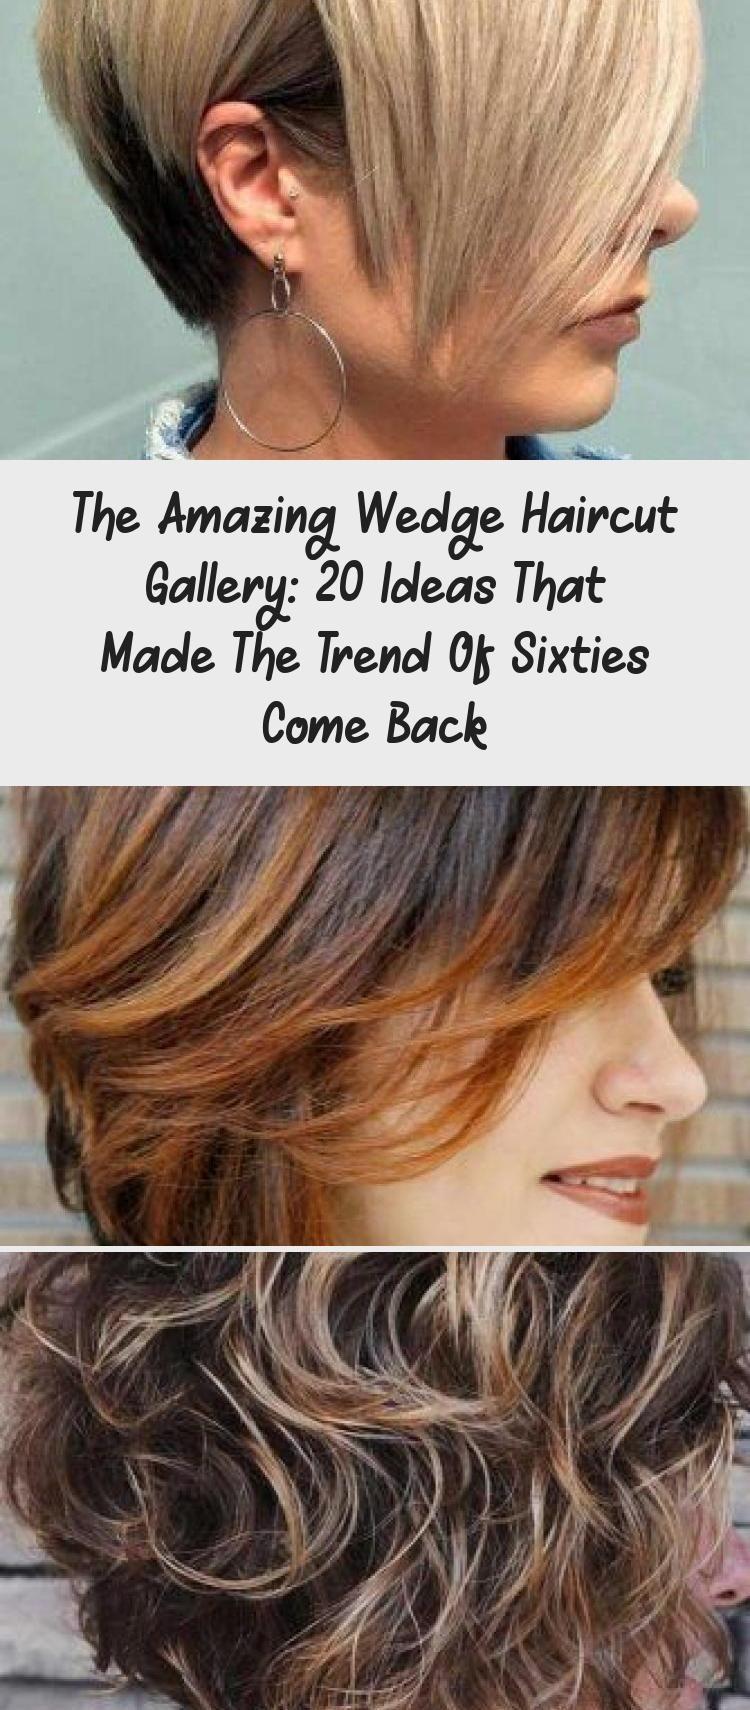 The Amazing Wedge Haircut Gallery: 20 Ideen, die den Trend der Sechziger zurückbrachten – HairStyles